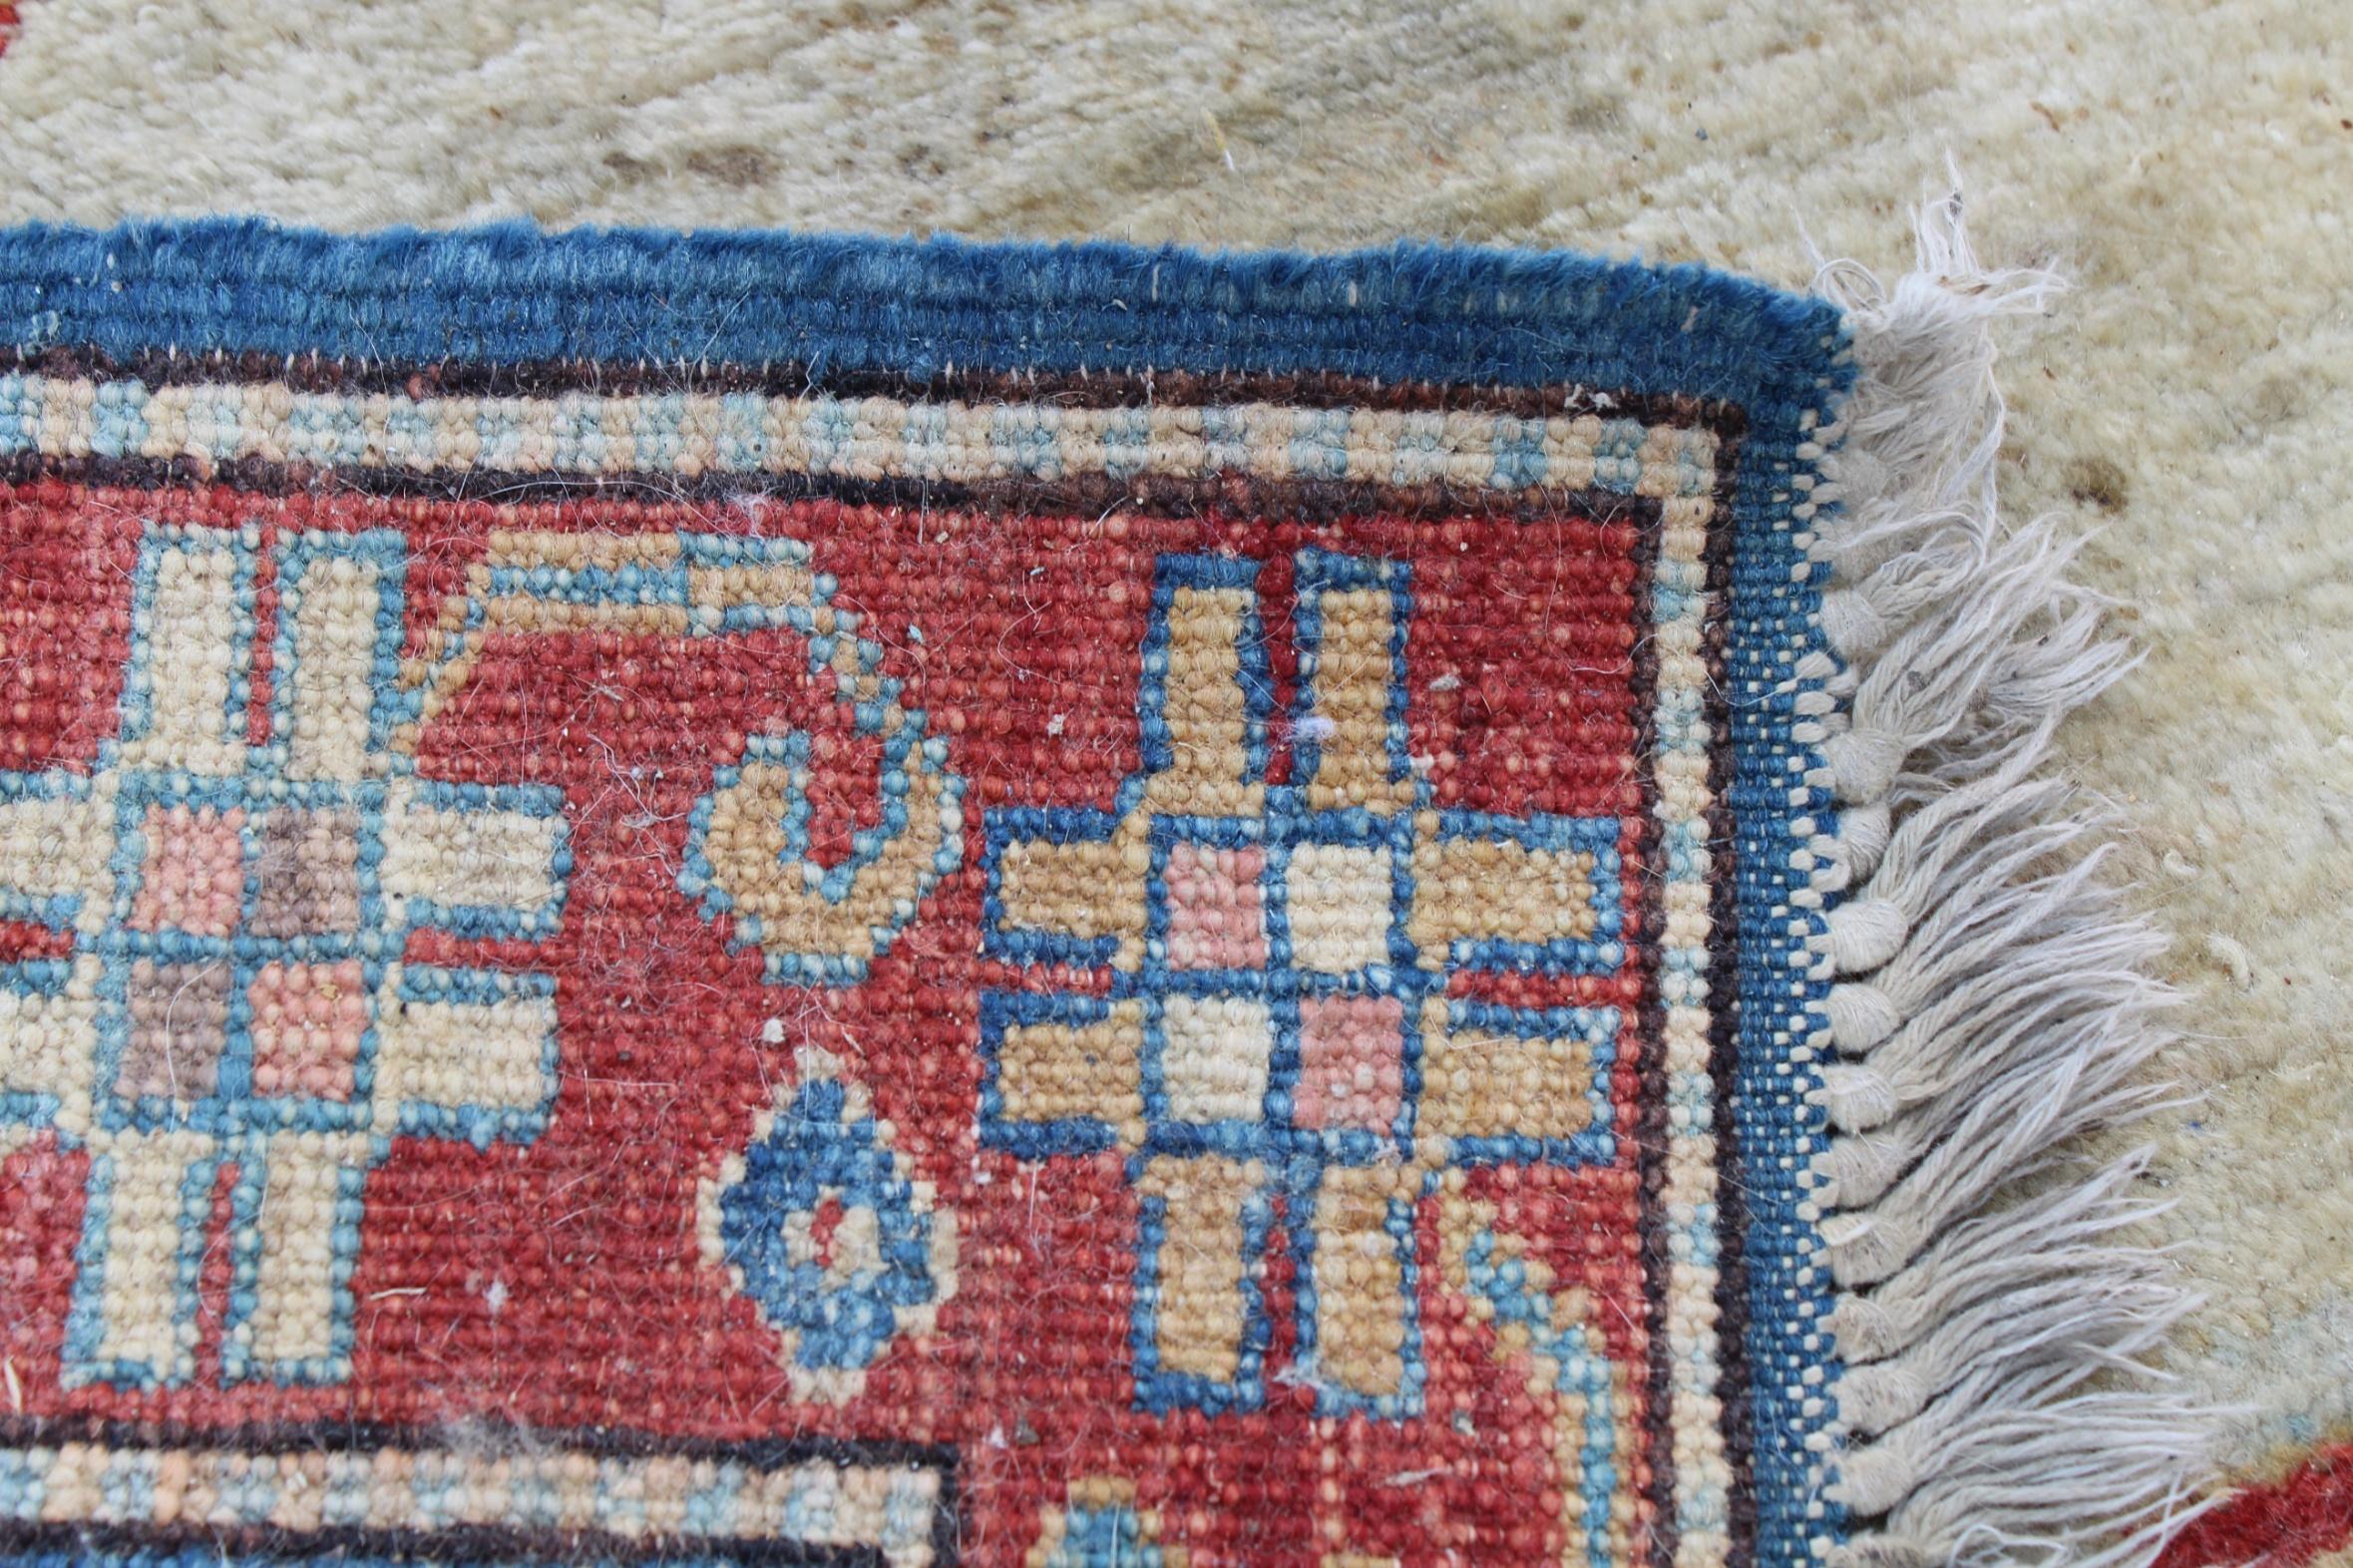 Semi-Antique Persian Rug - Image 3 of 3